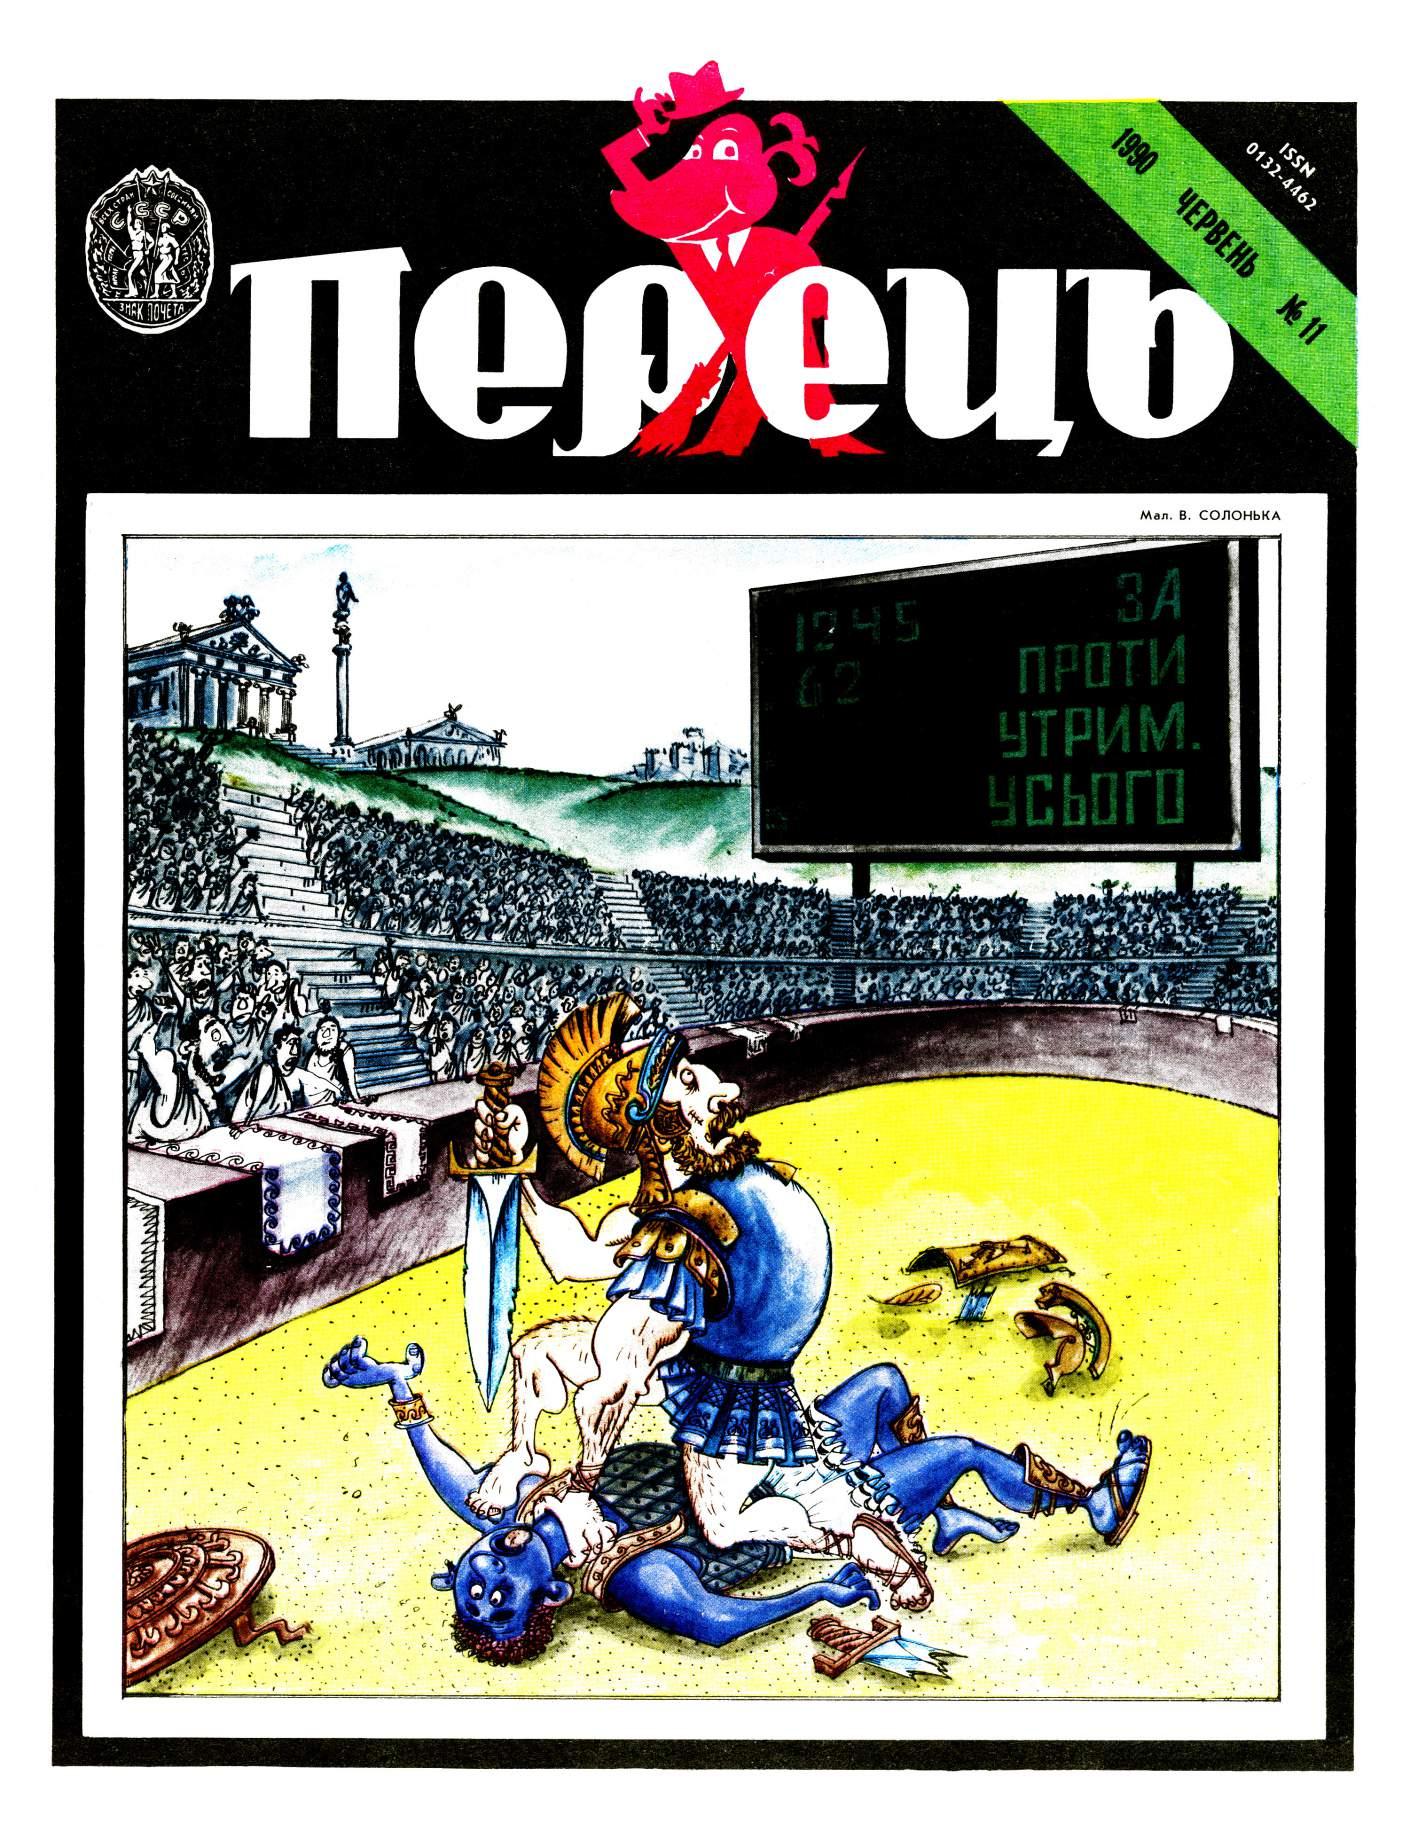 Журнал перець 1990 №11